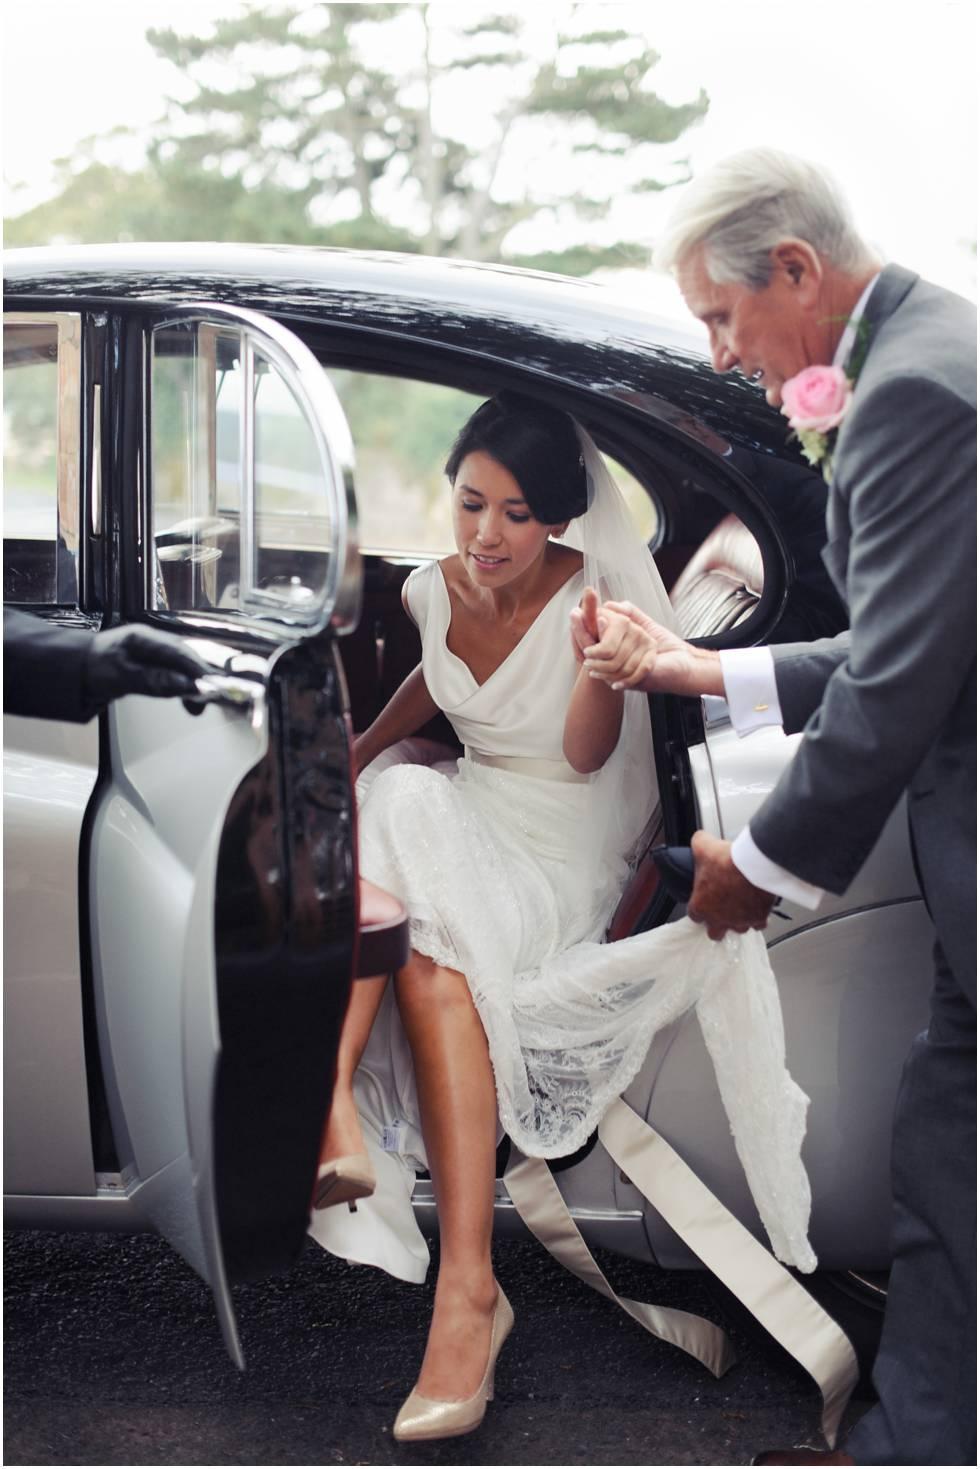 Wedding-photography-Tyninghame-East-Lothian-24.jpg